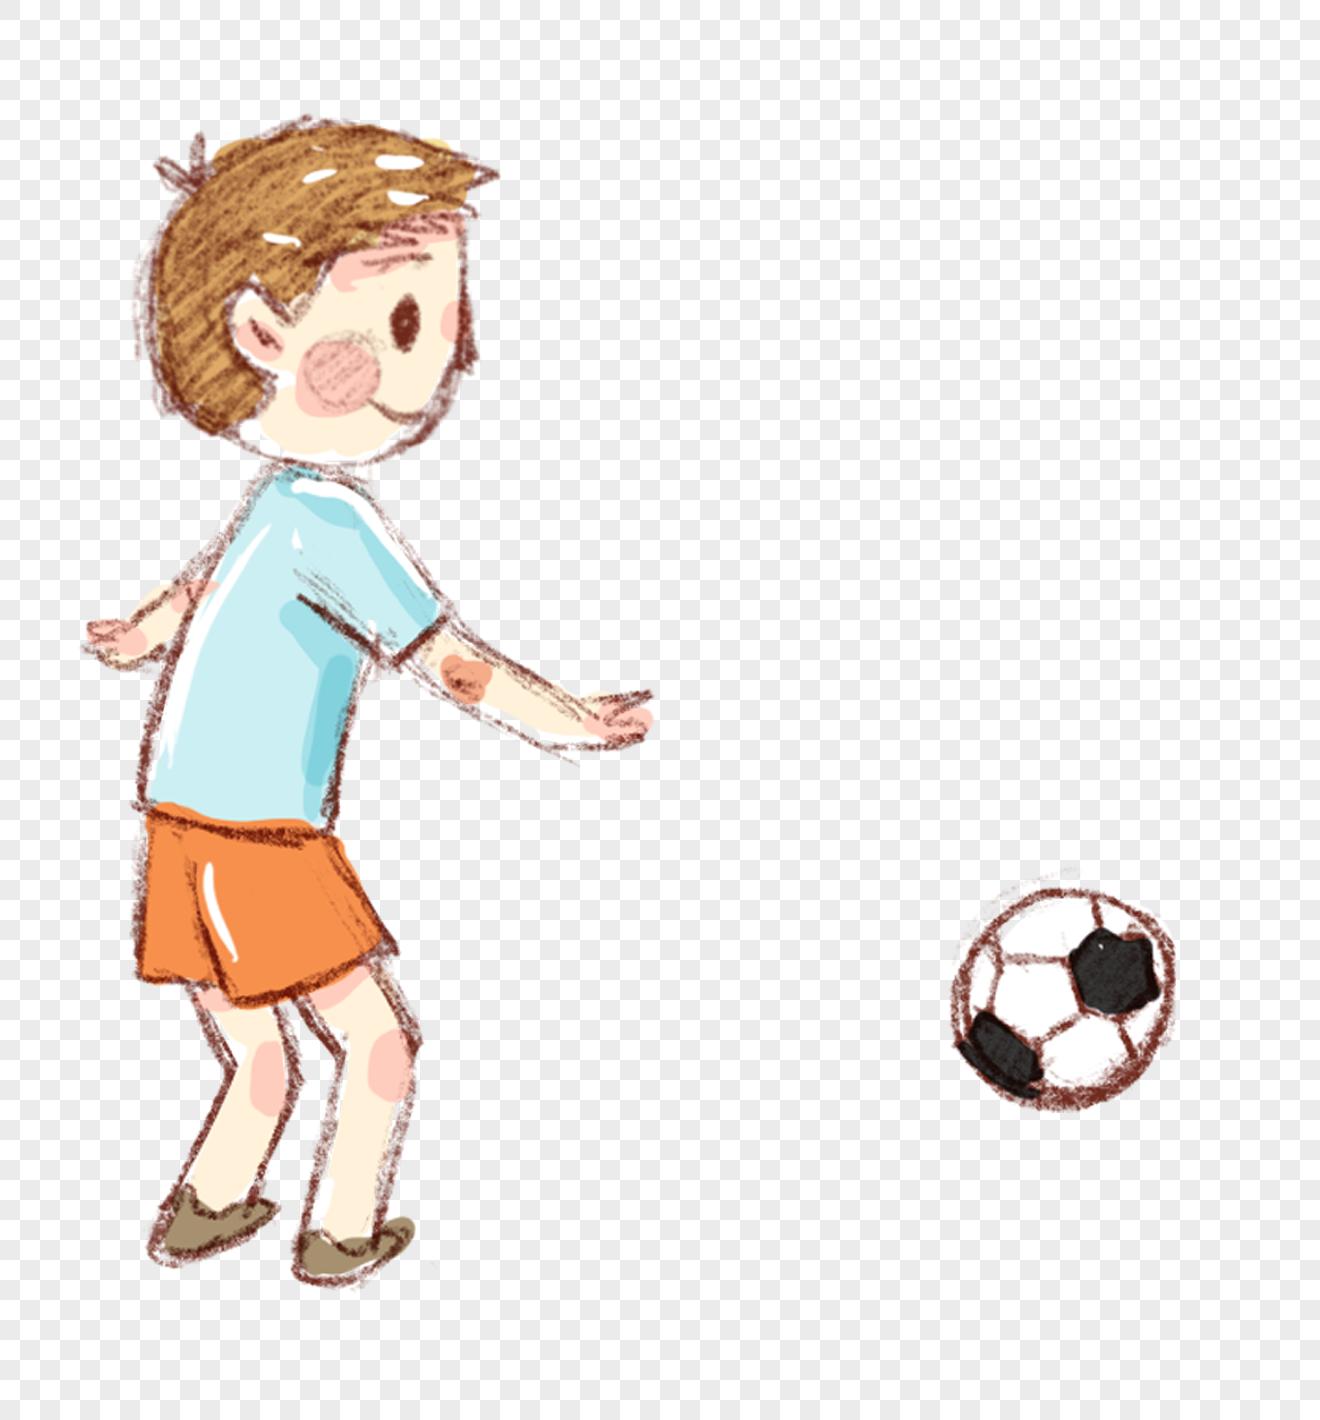 Nino Jugando Futbol Imagen Descargar Prf Graficos 400378584 Imagen